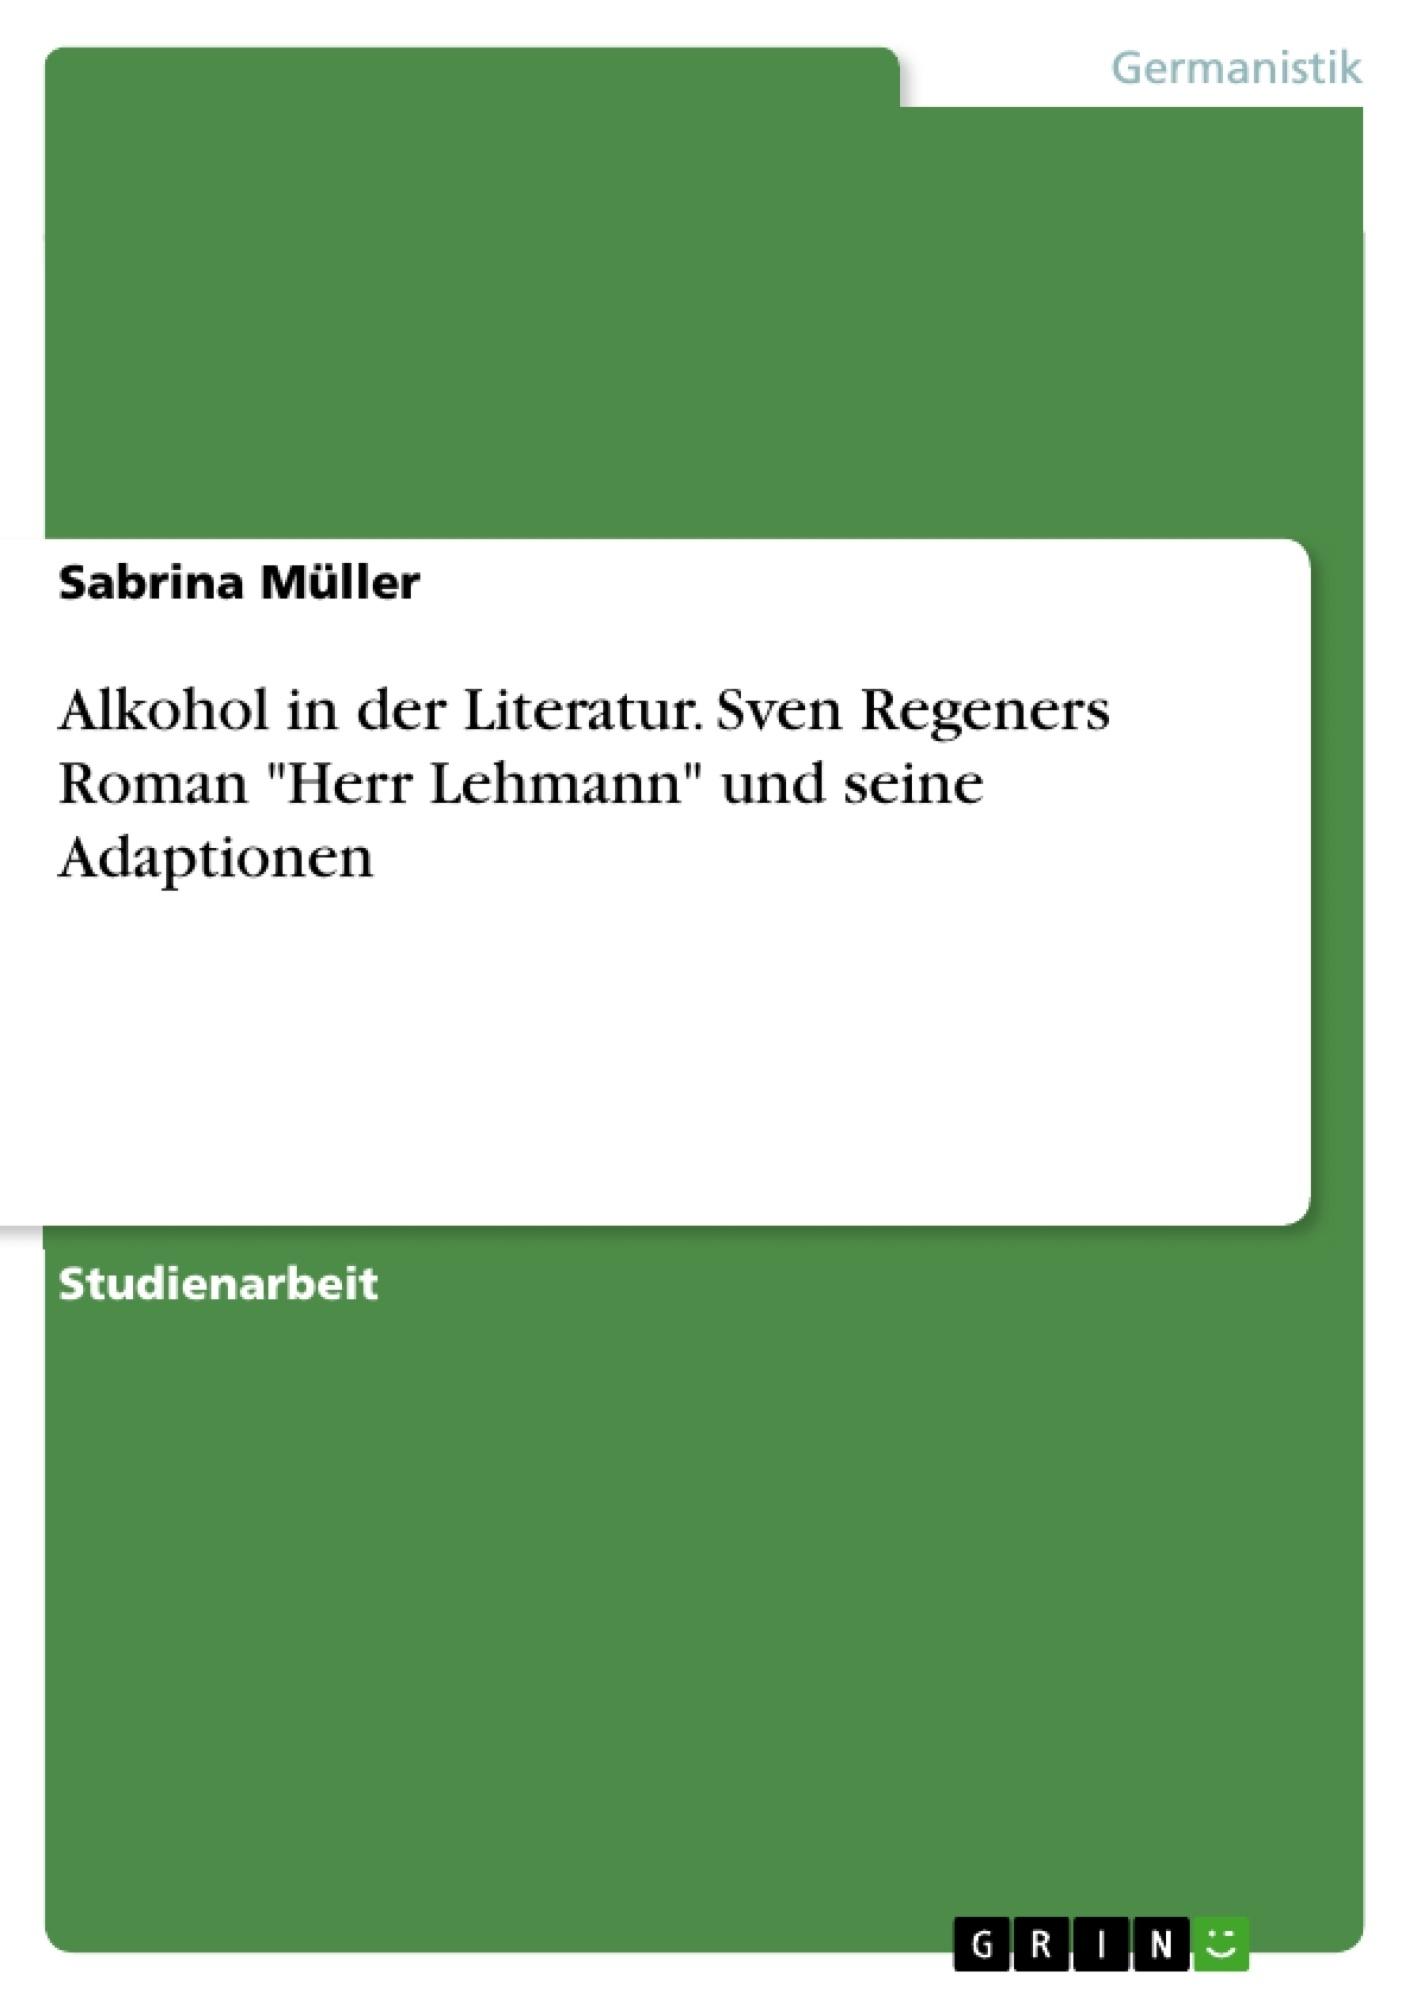 """Titel: Alkohol in der Literatur. Sven Regeners Roman """"Herr Lehmann"""" und seine Adaptionen"""